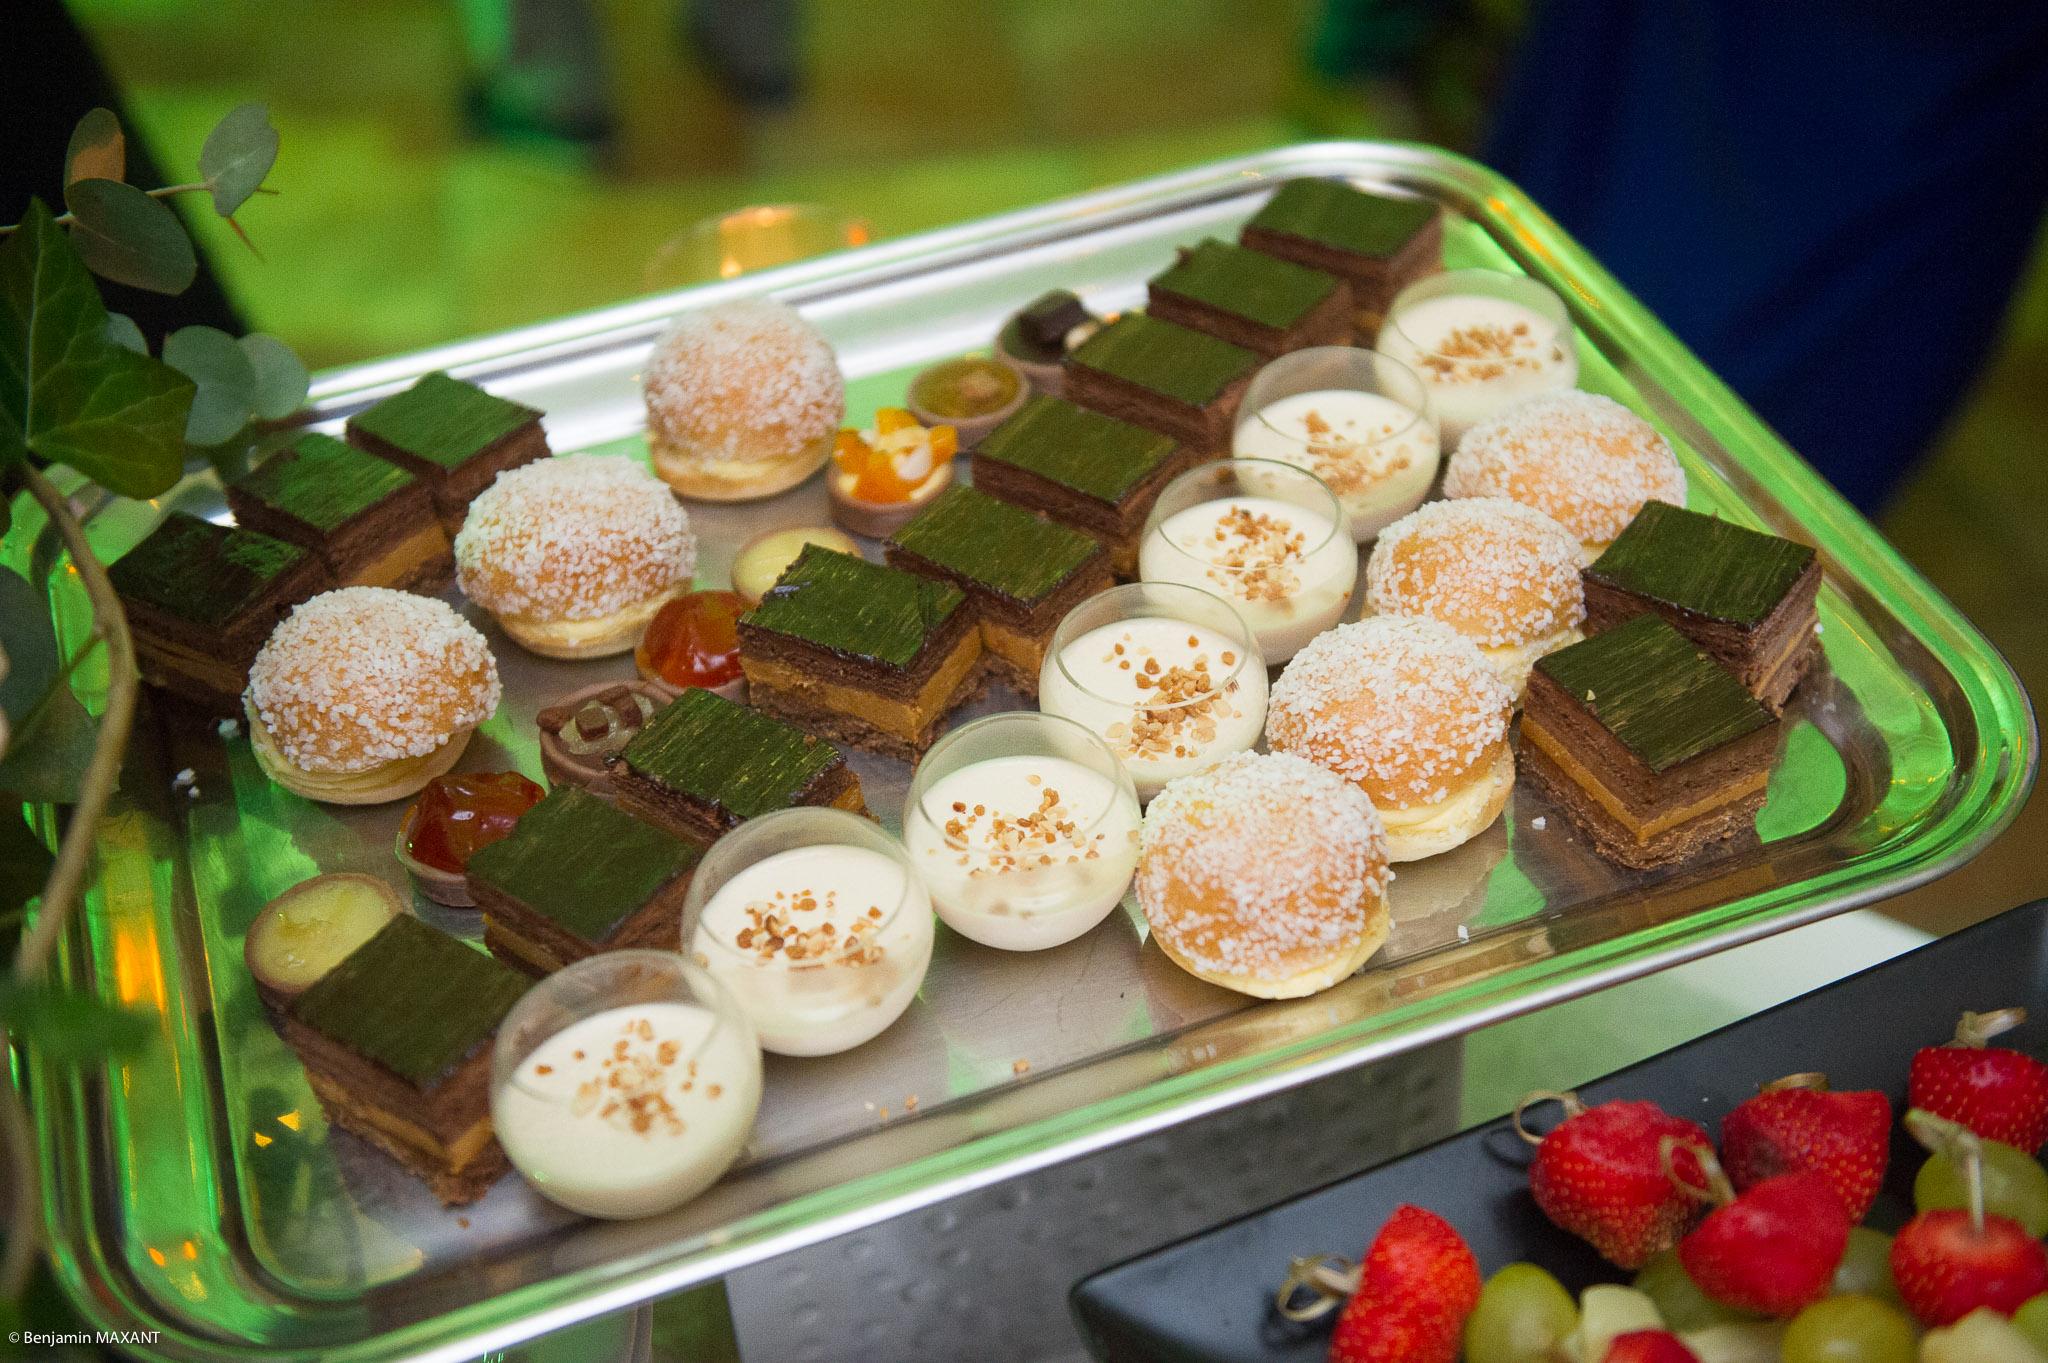 La pièce montée et ses différents desserts